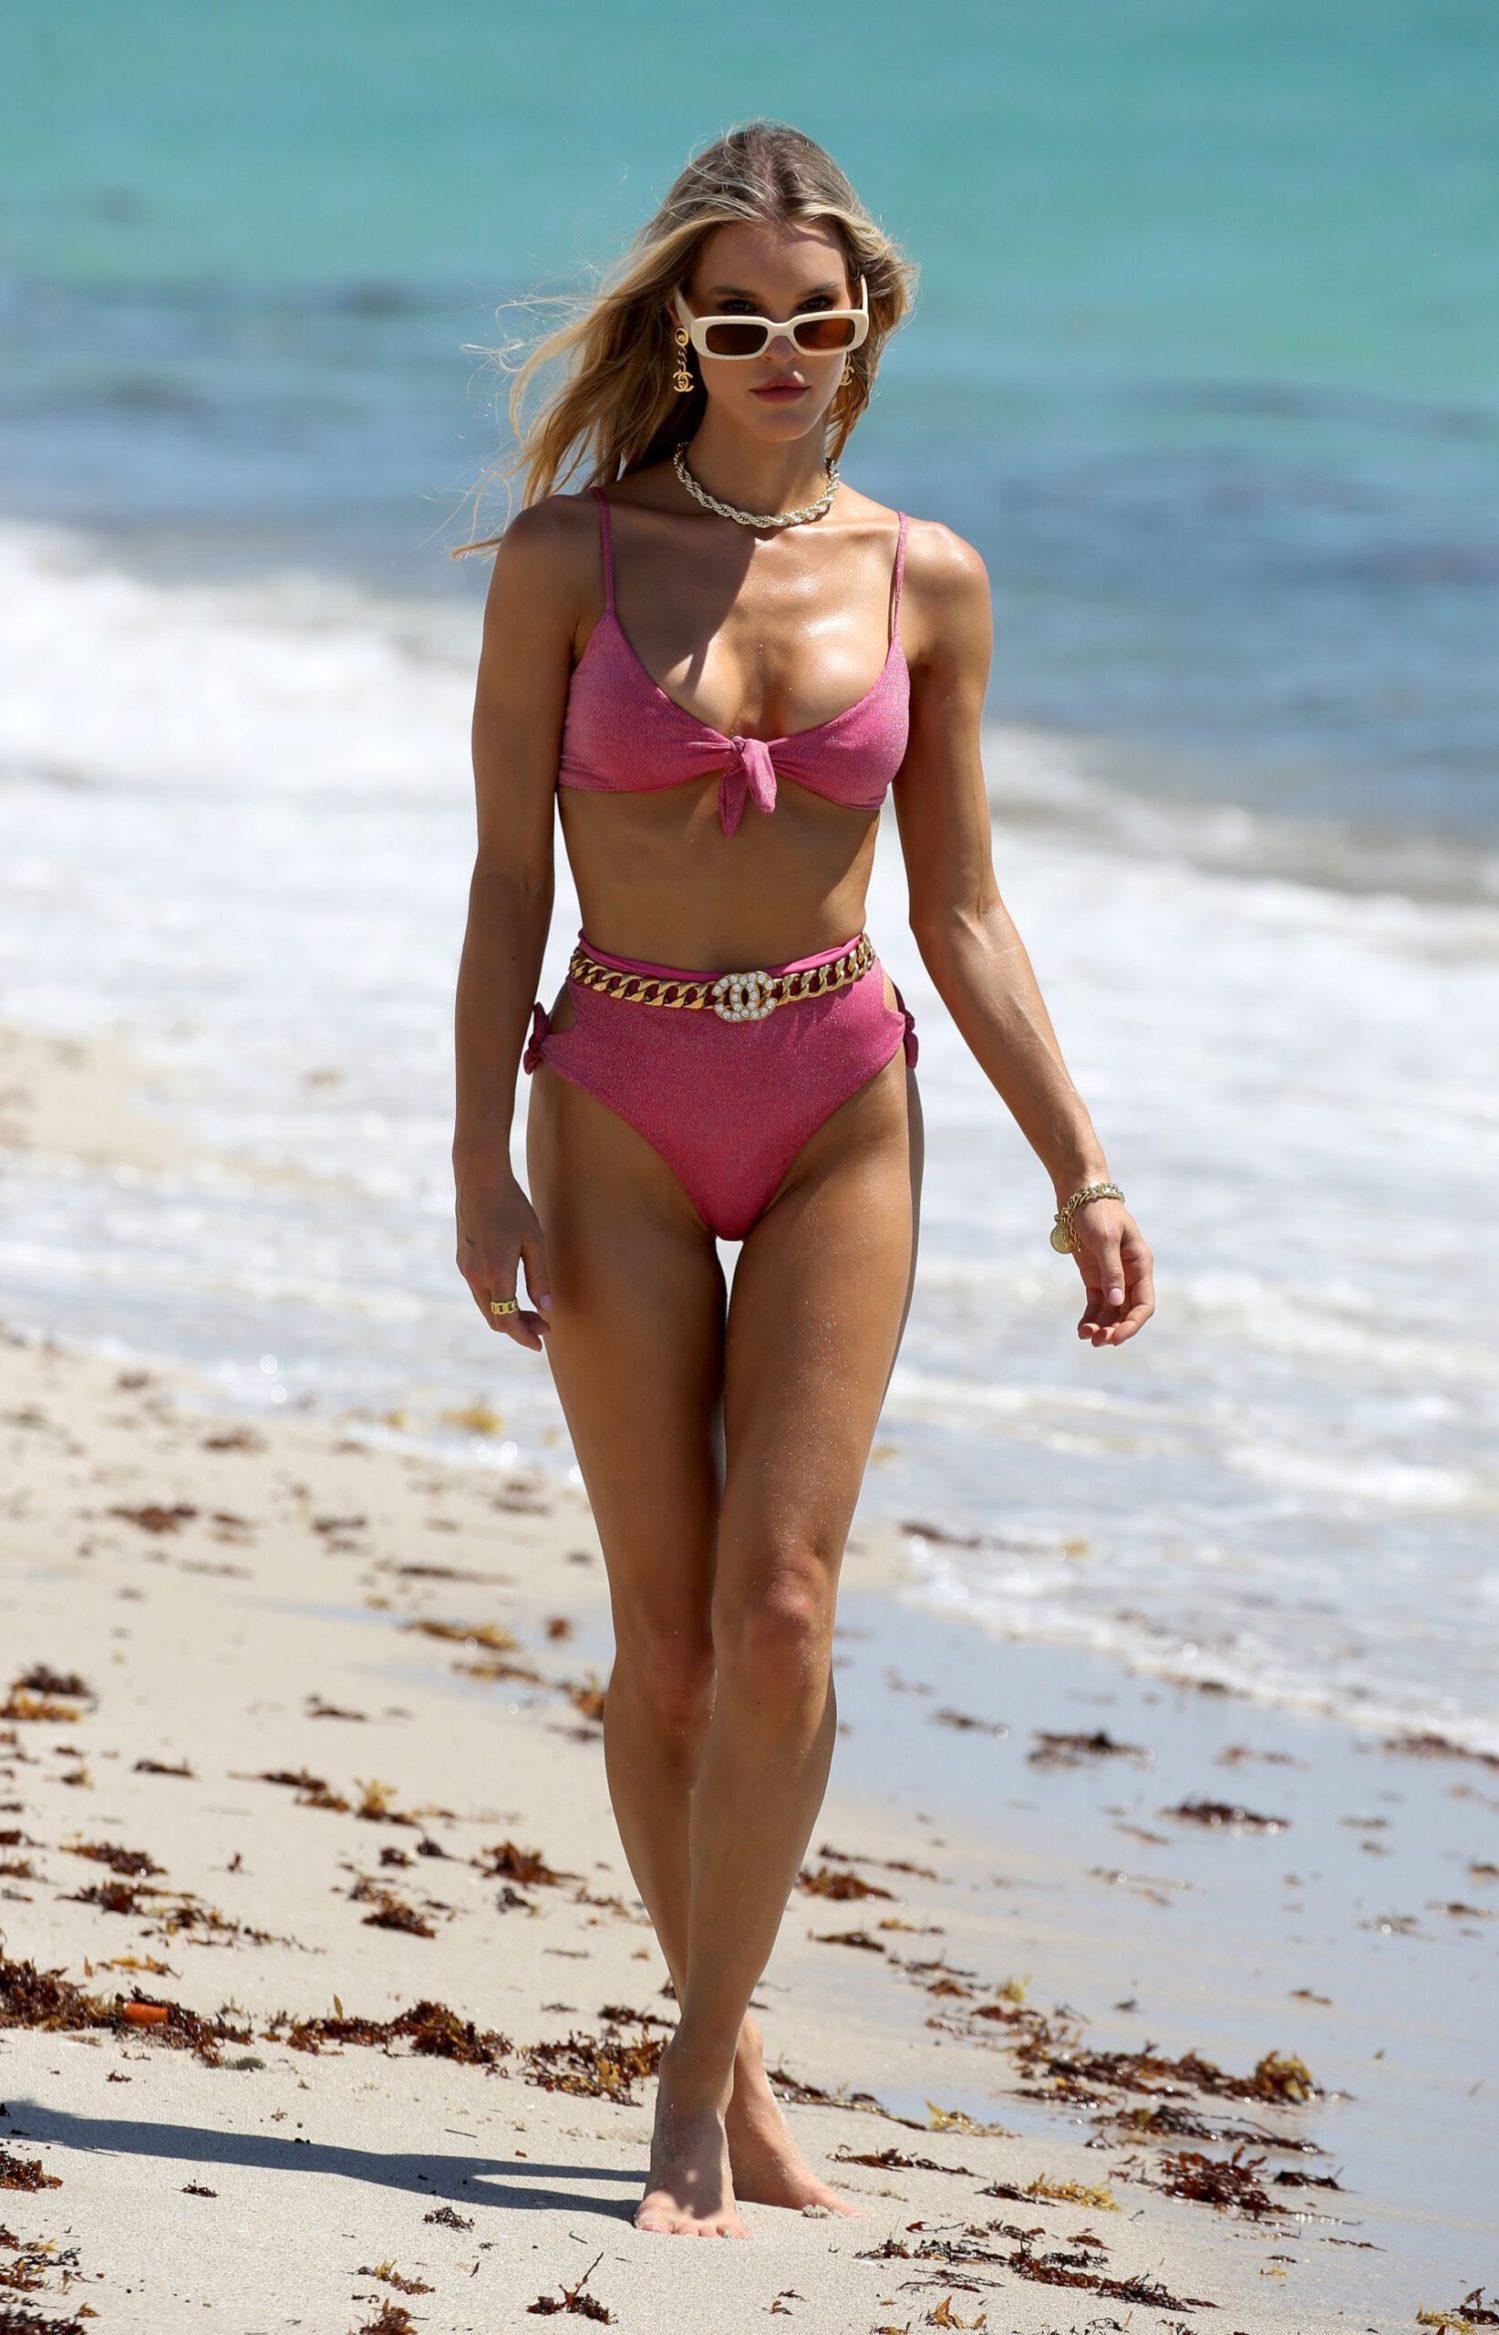 Chân dài 9x Joy Corrigan cực nóng bỏng ở biển với áo tắm xẻ sâu hút mắt Ảnh 12